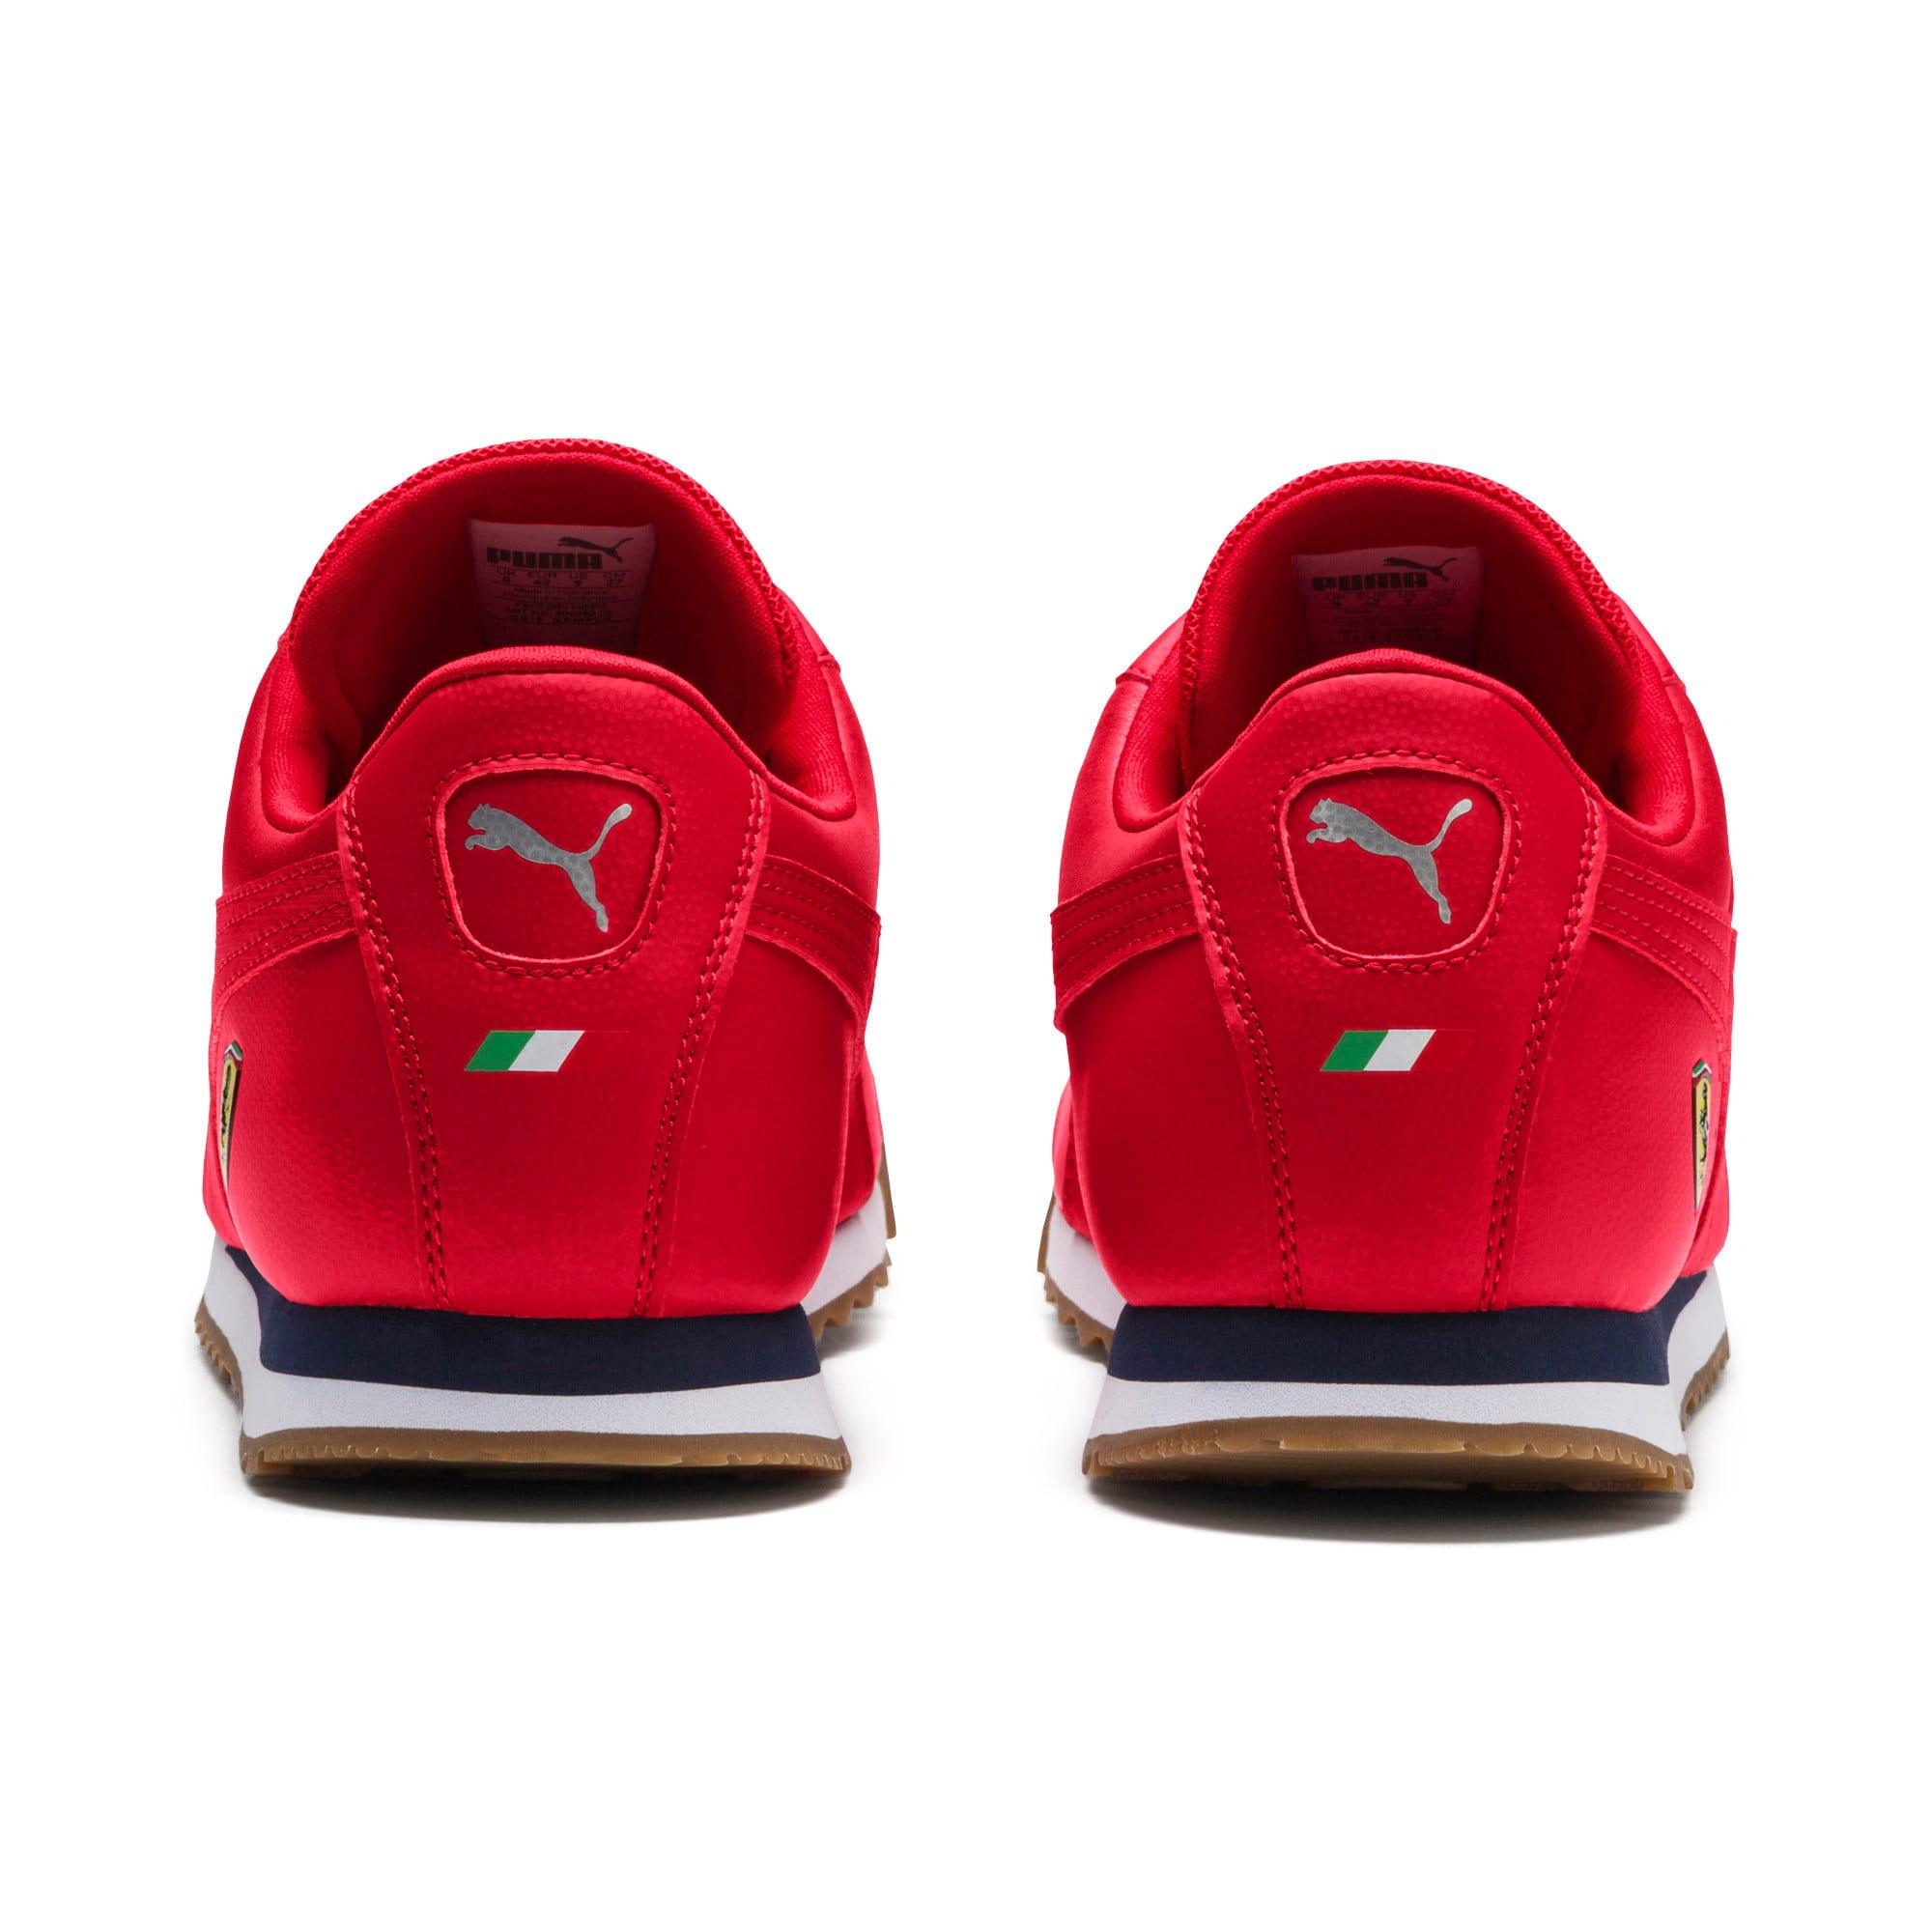 Thumbnail 4 of Scuderia Ferrari Roma Men's Sneakers, Rosso Corsa-Rosso Corsa, medium